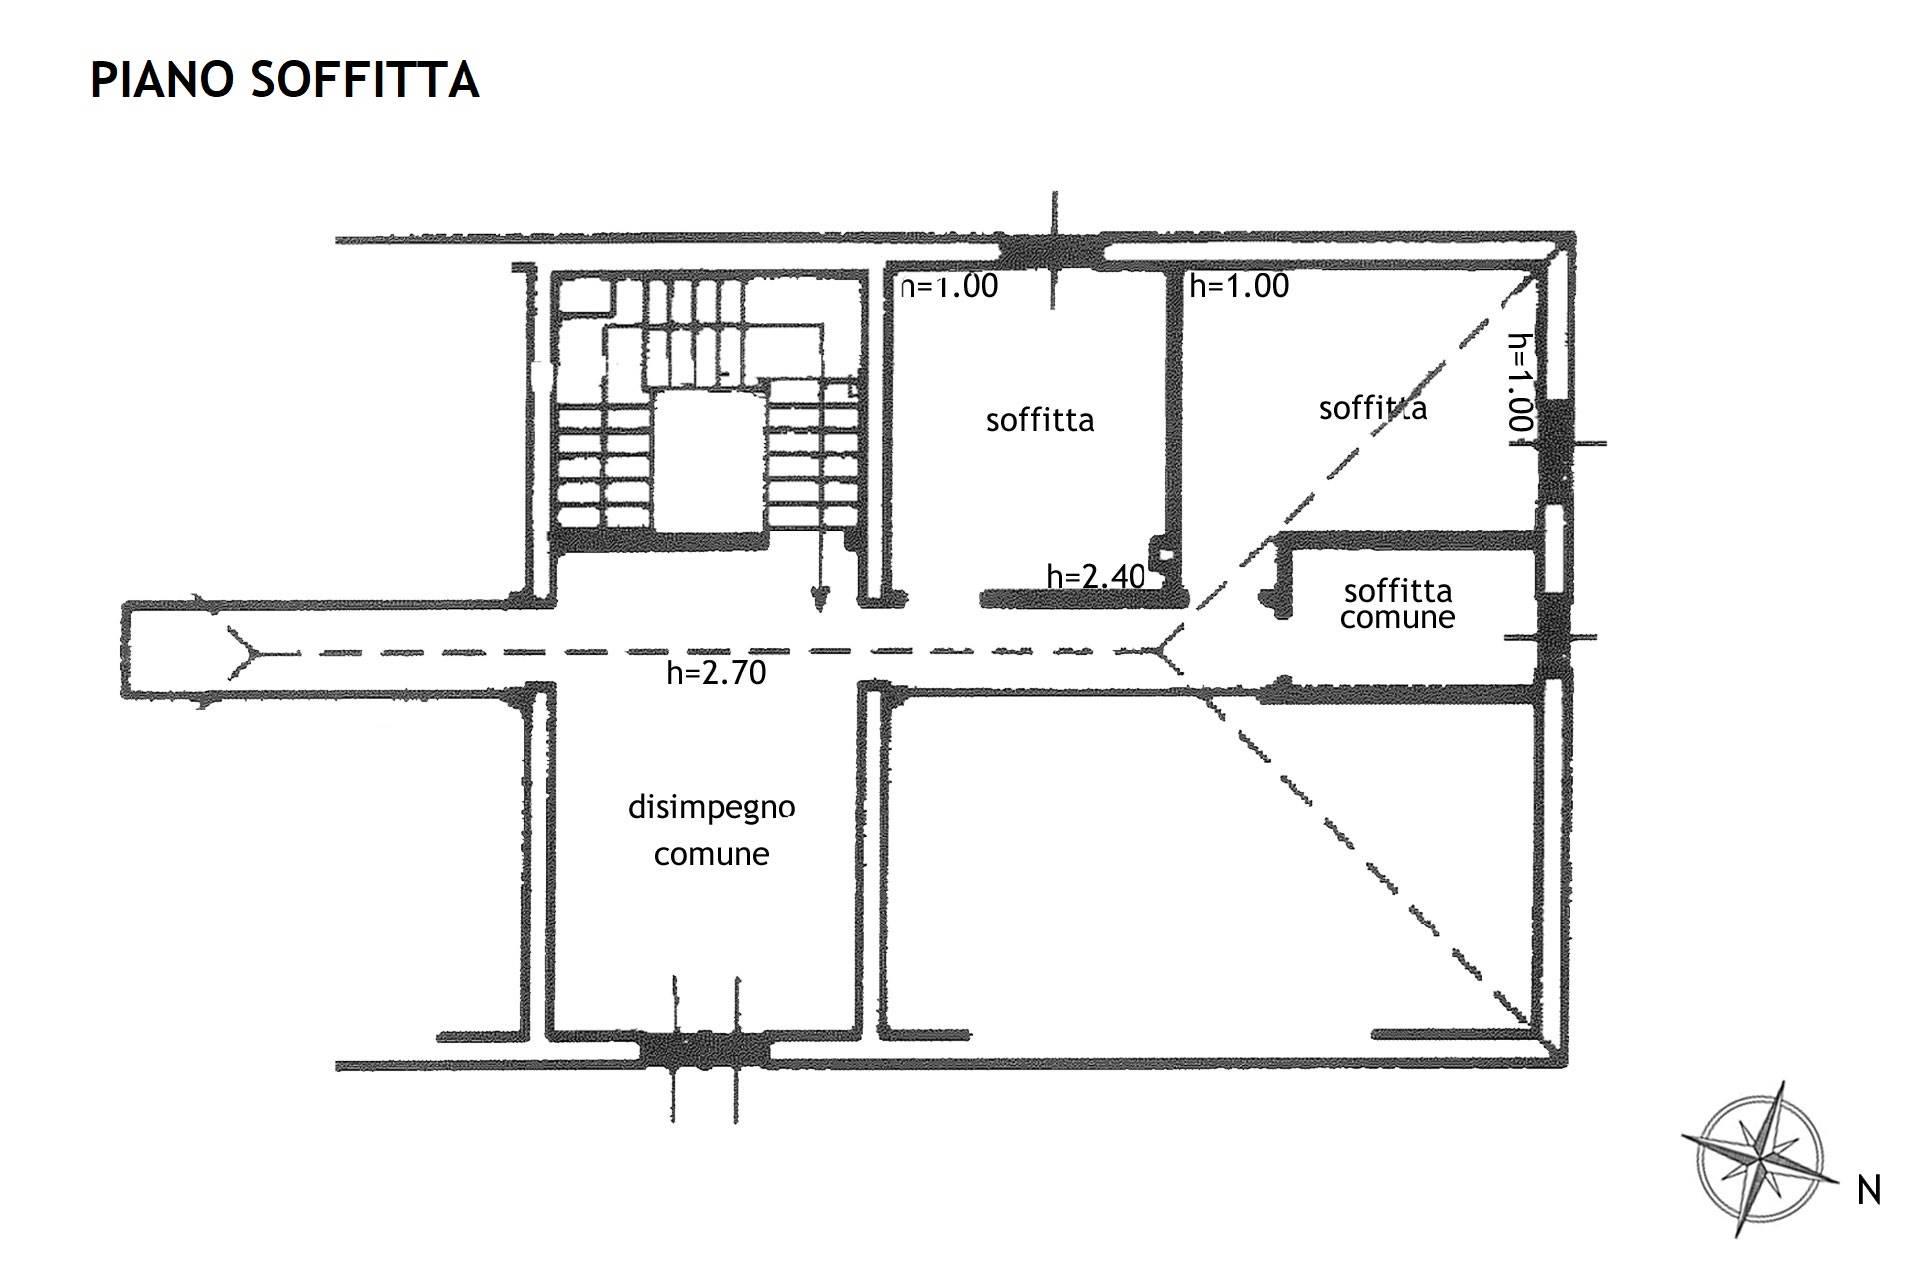 7046-soffitta